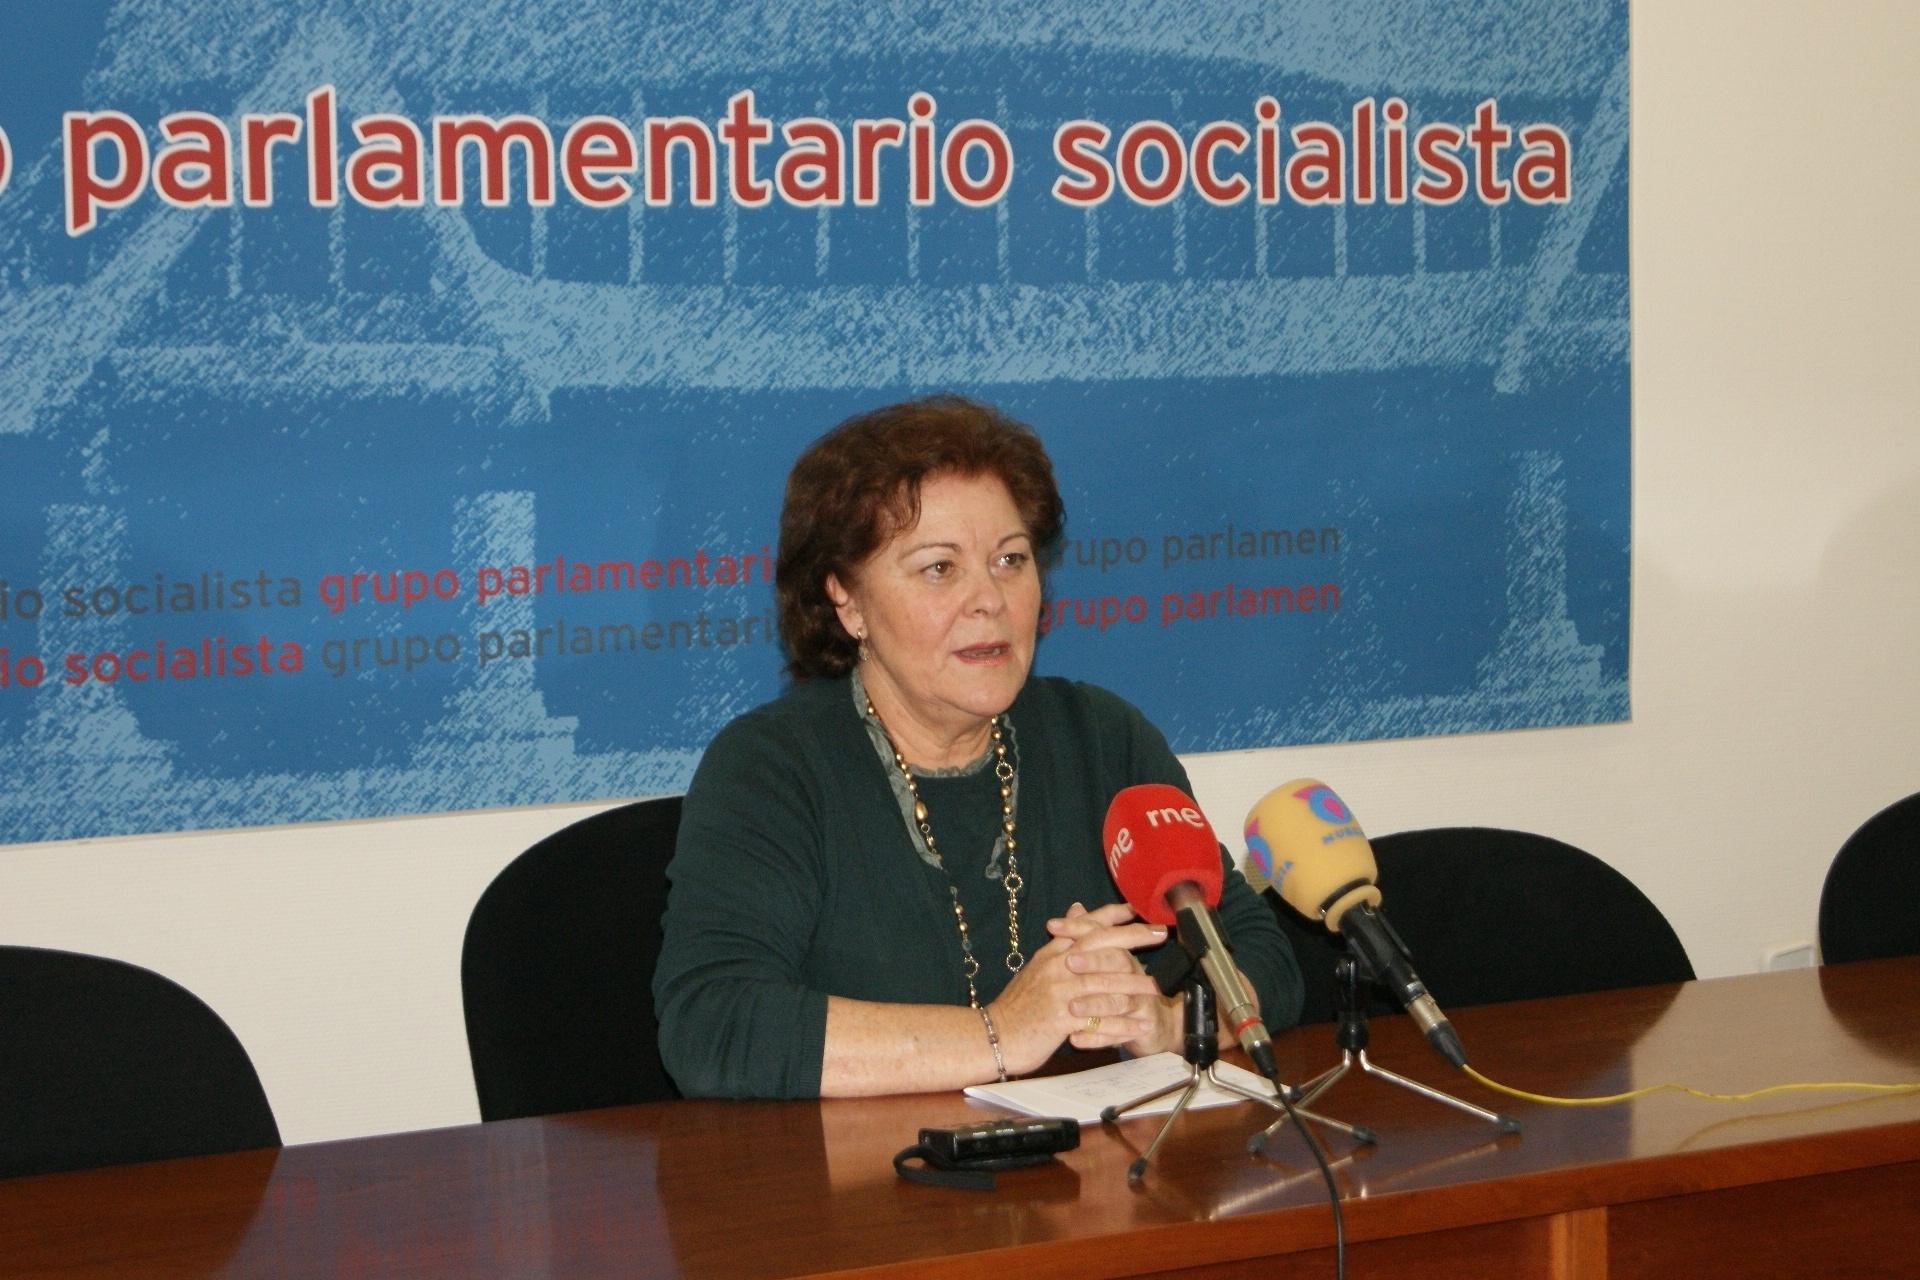 PSOE exige que Sanidad medie «en el conflicto de limpieza de la Arrixaca» y busque solución «consensuada»